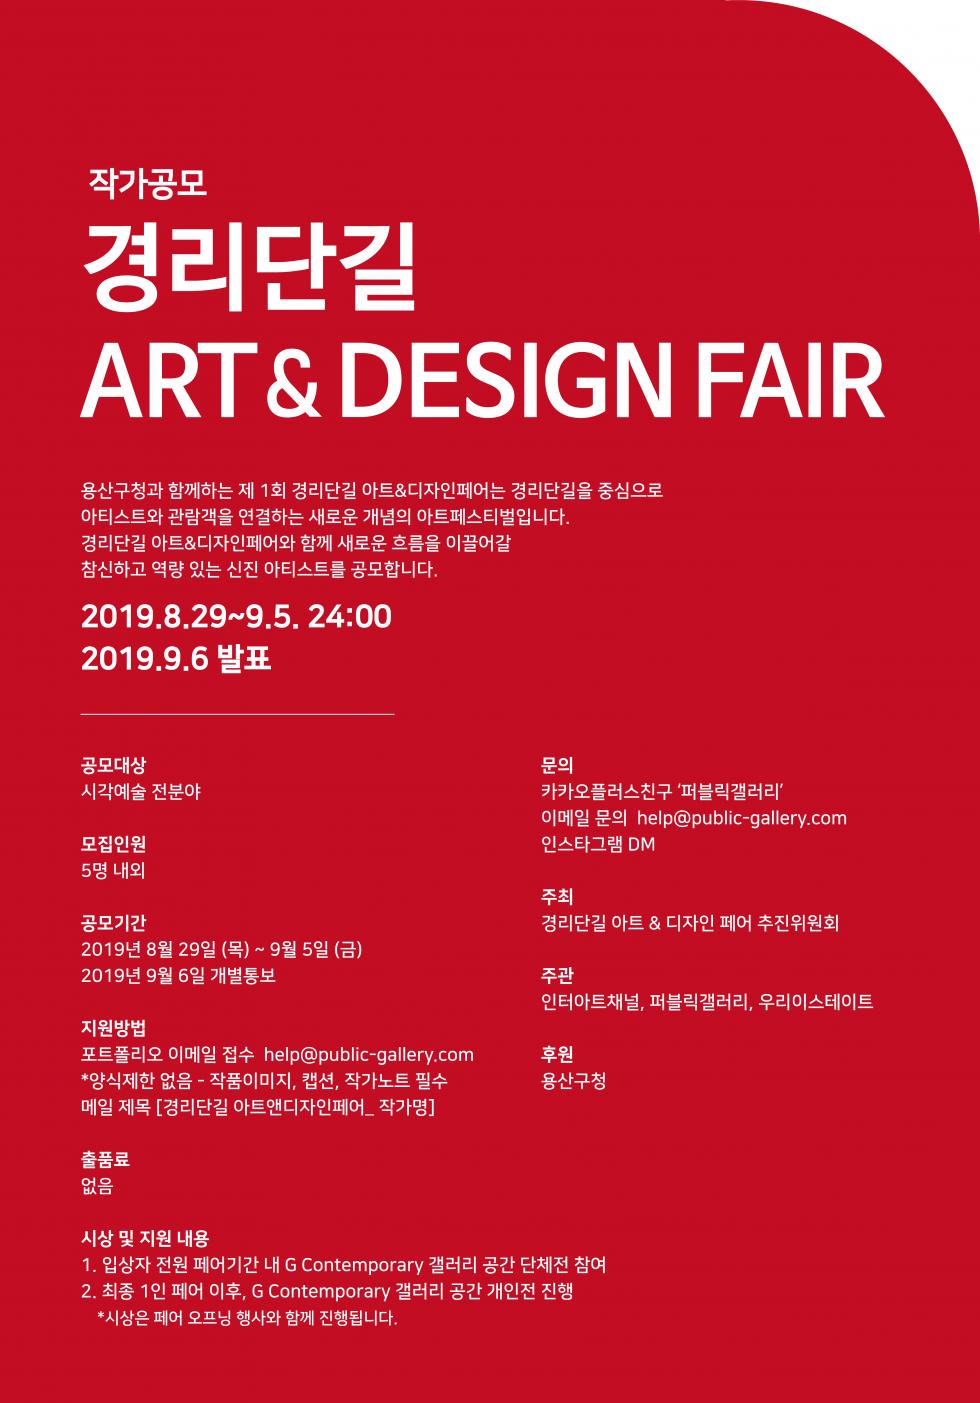 2019 제 1회 경리단아트앤디자인페어 포스터